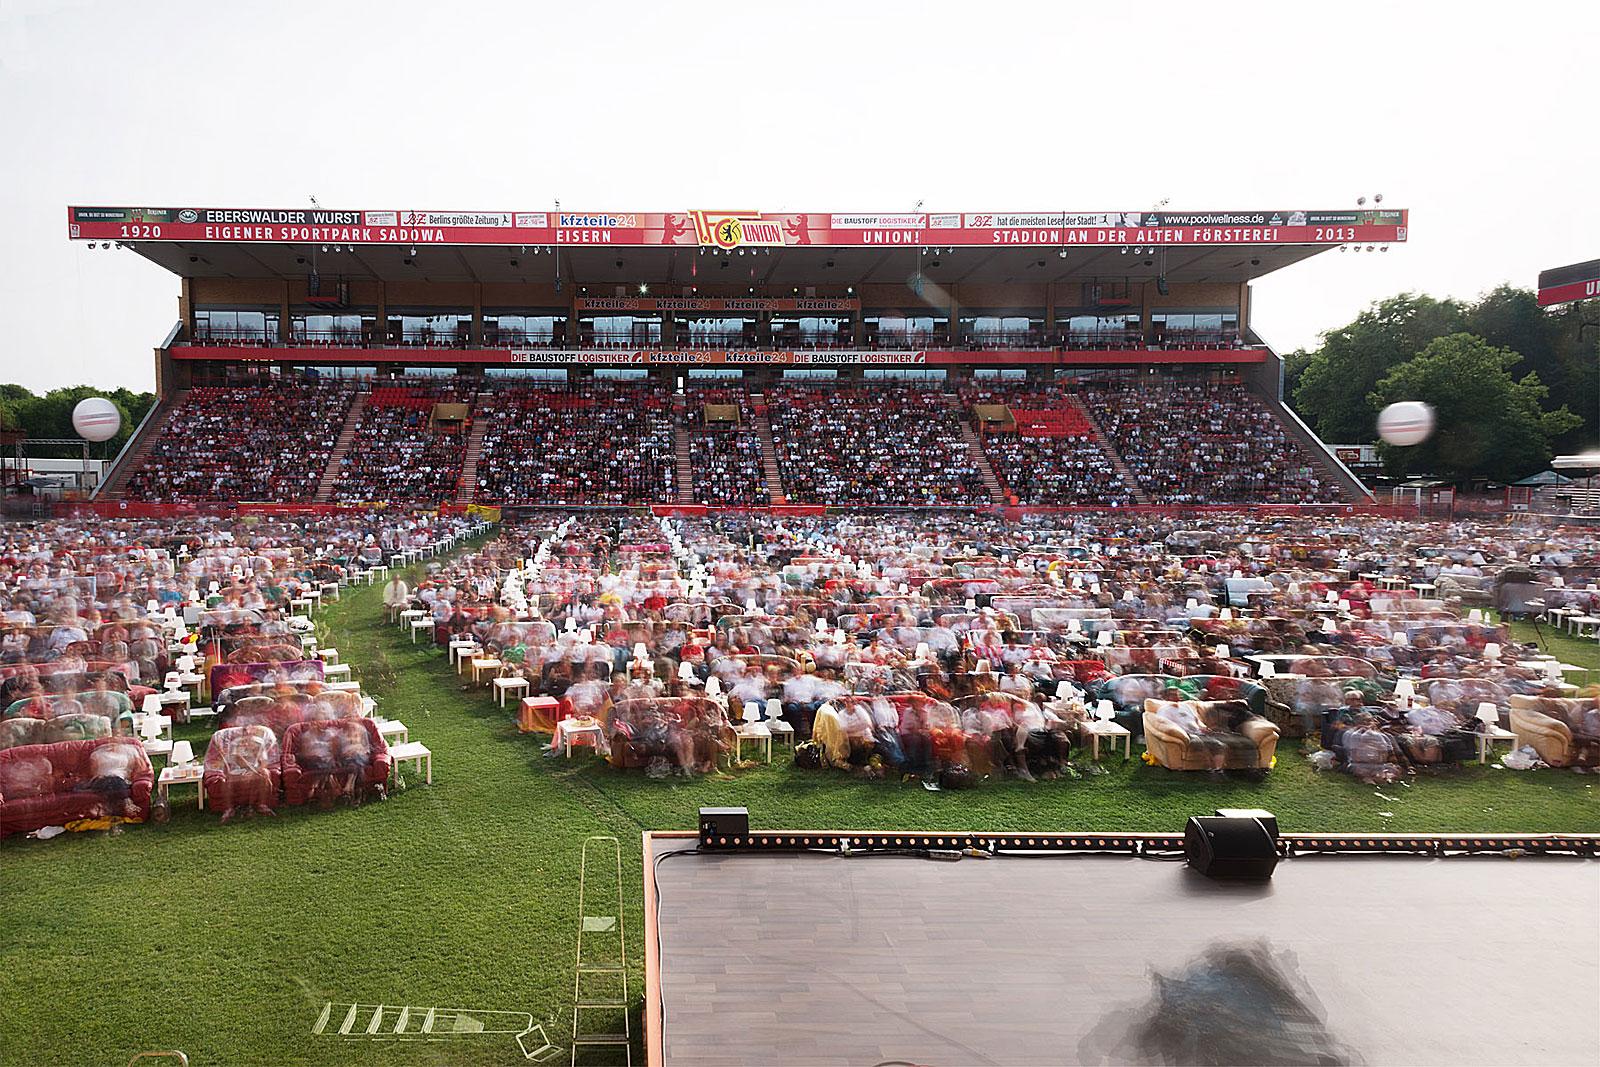 Deutschland - Portugal 4:0, Stadion An der Alten Försterei (18.00 - 19.51 Uhr, 16.6.2014)